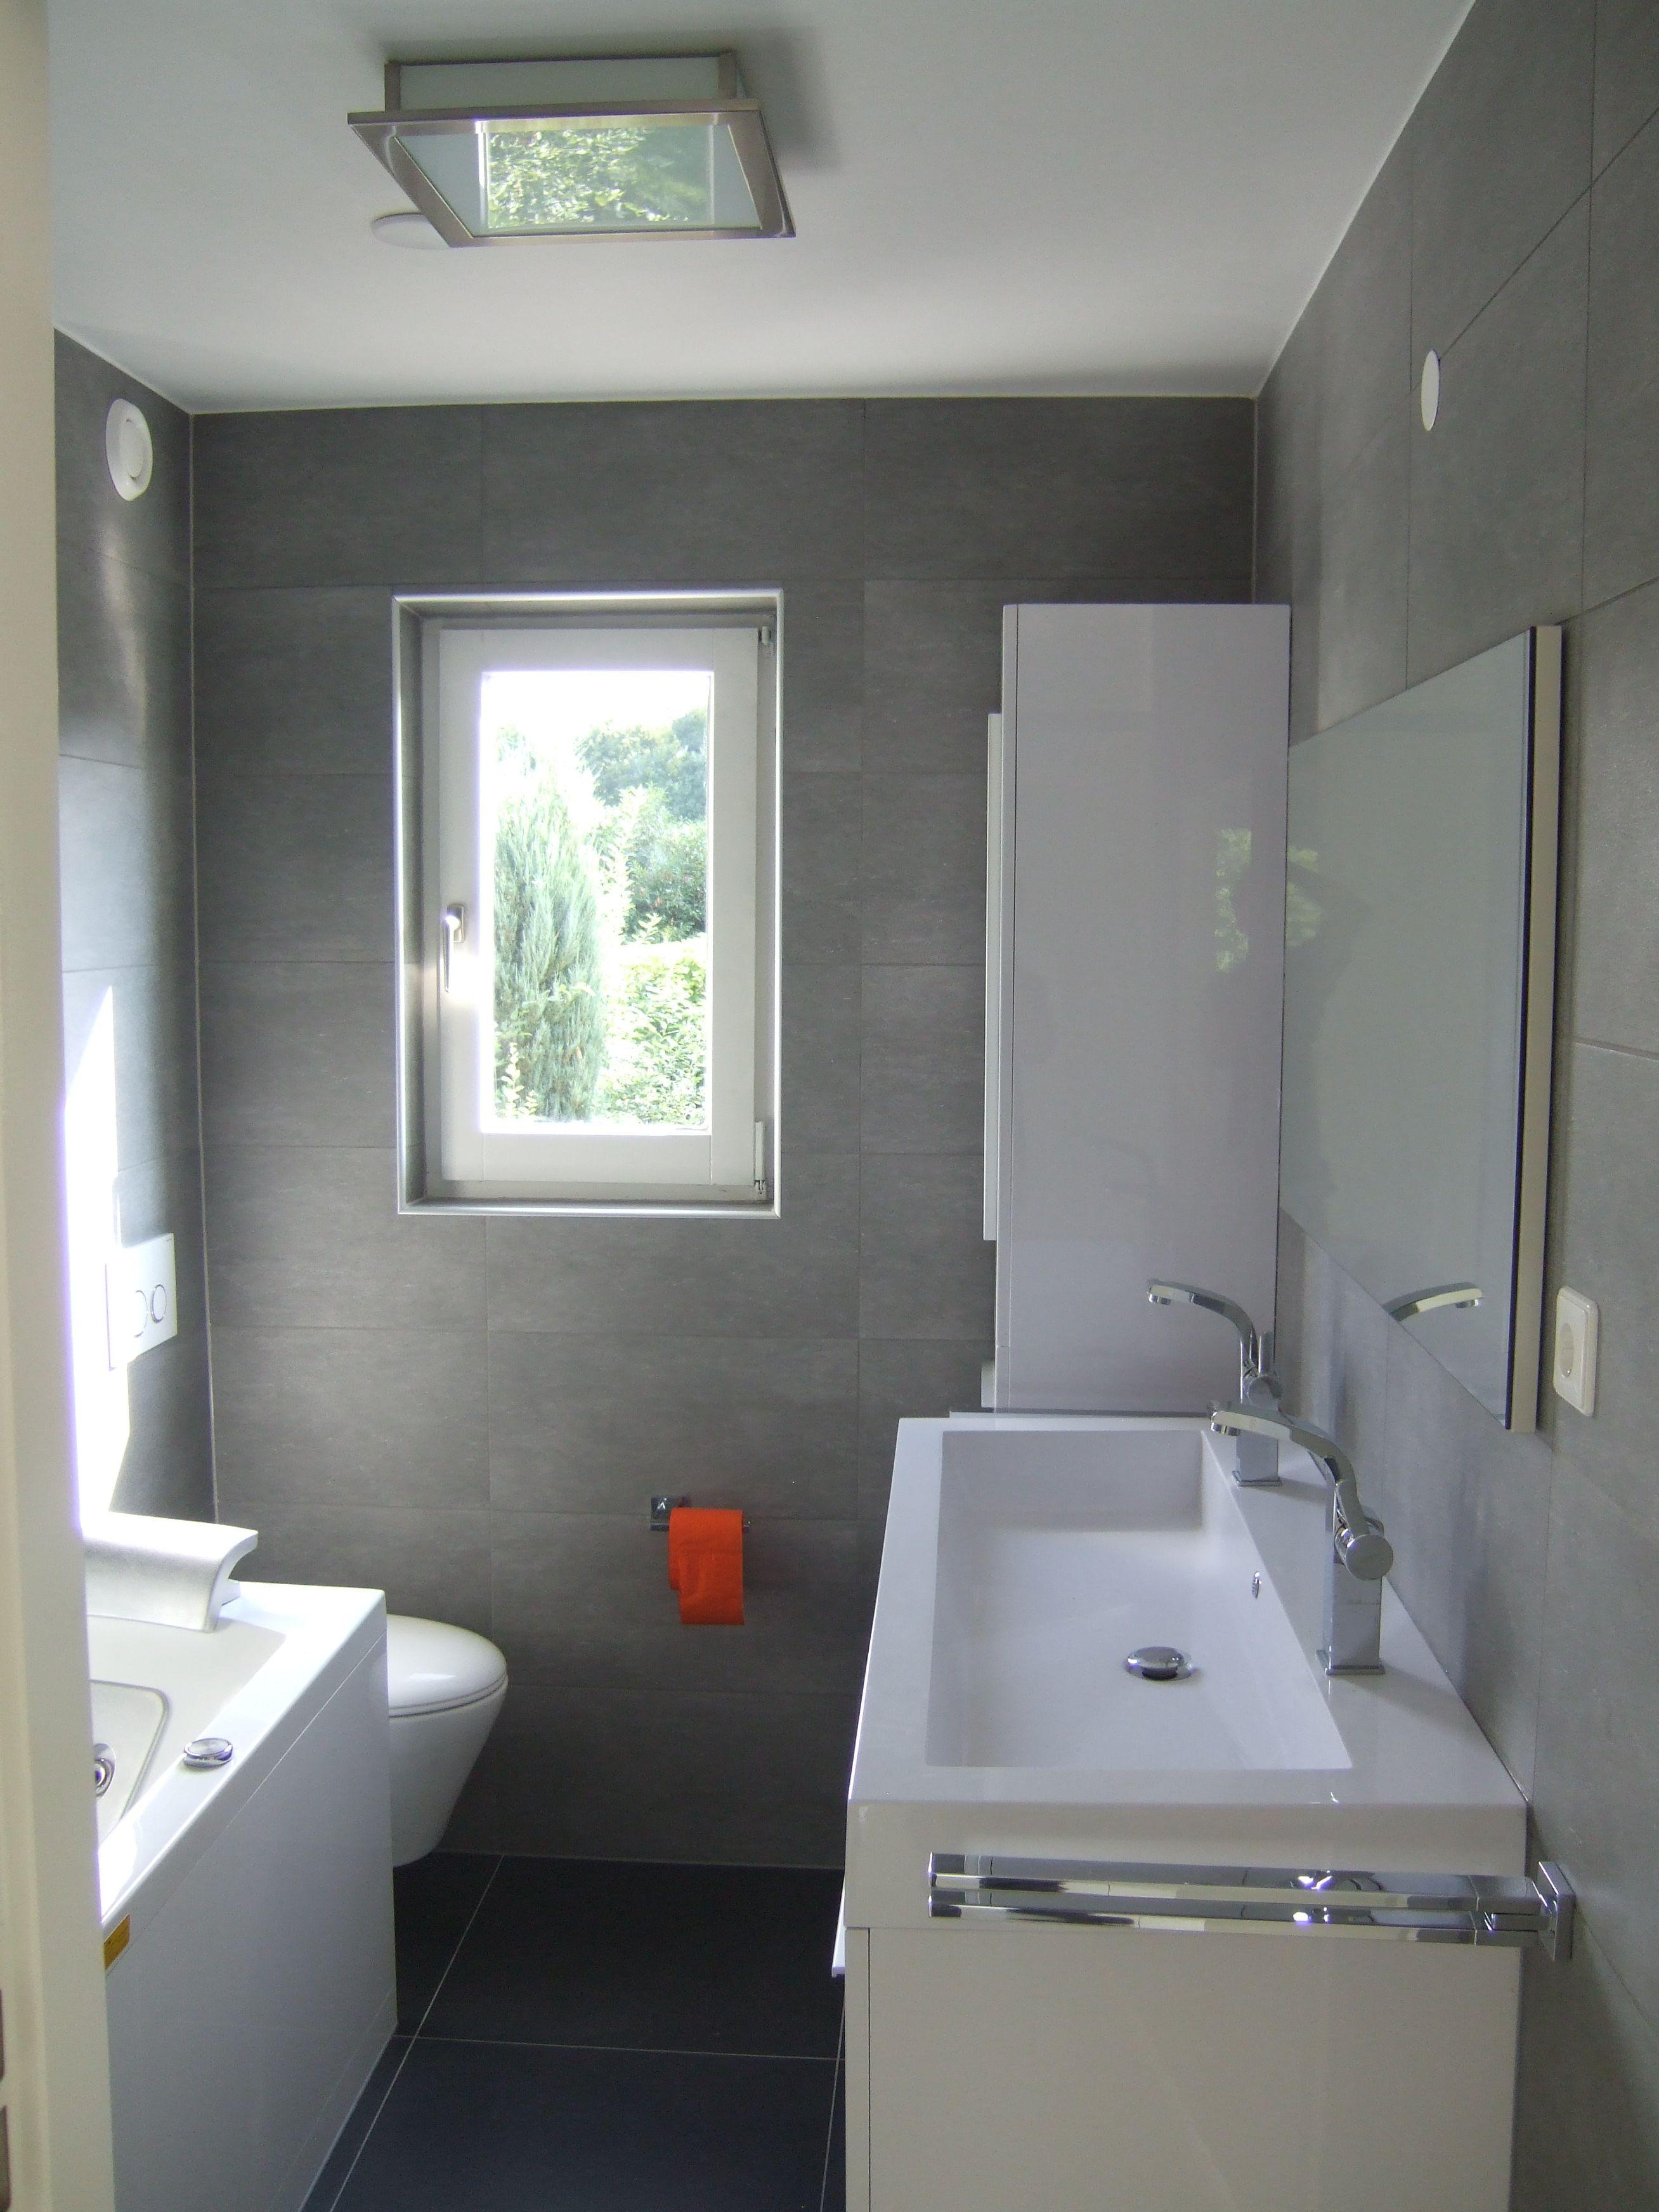 Bad voor badkamer - Wc muur tegel ...